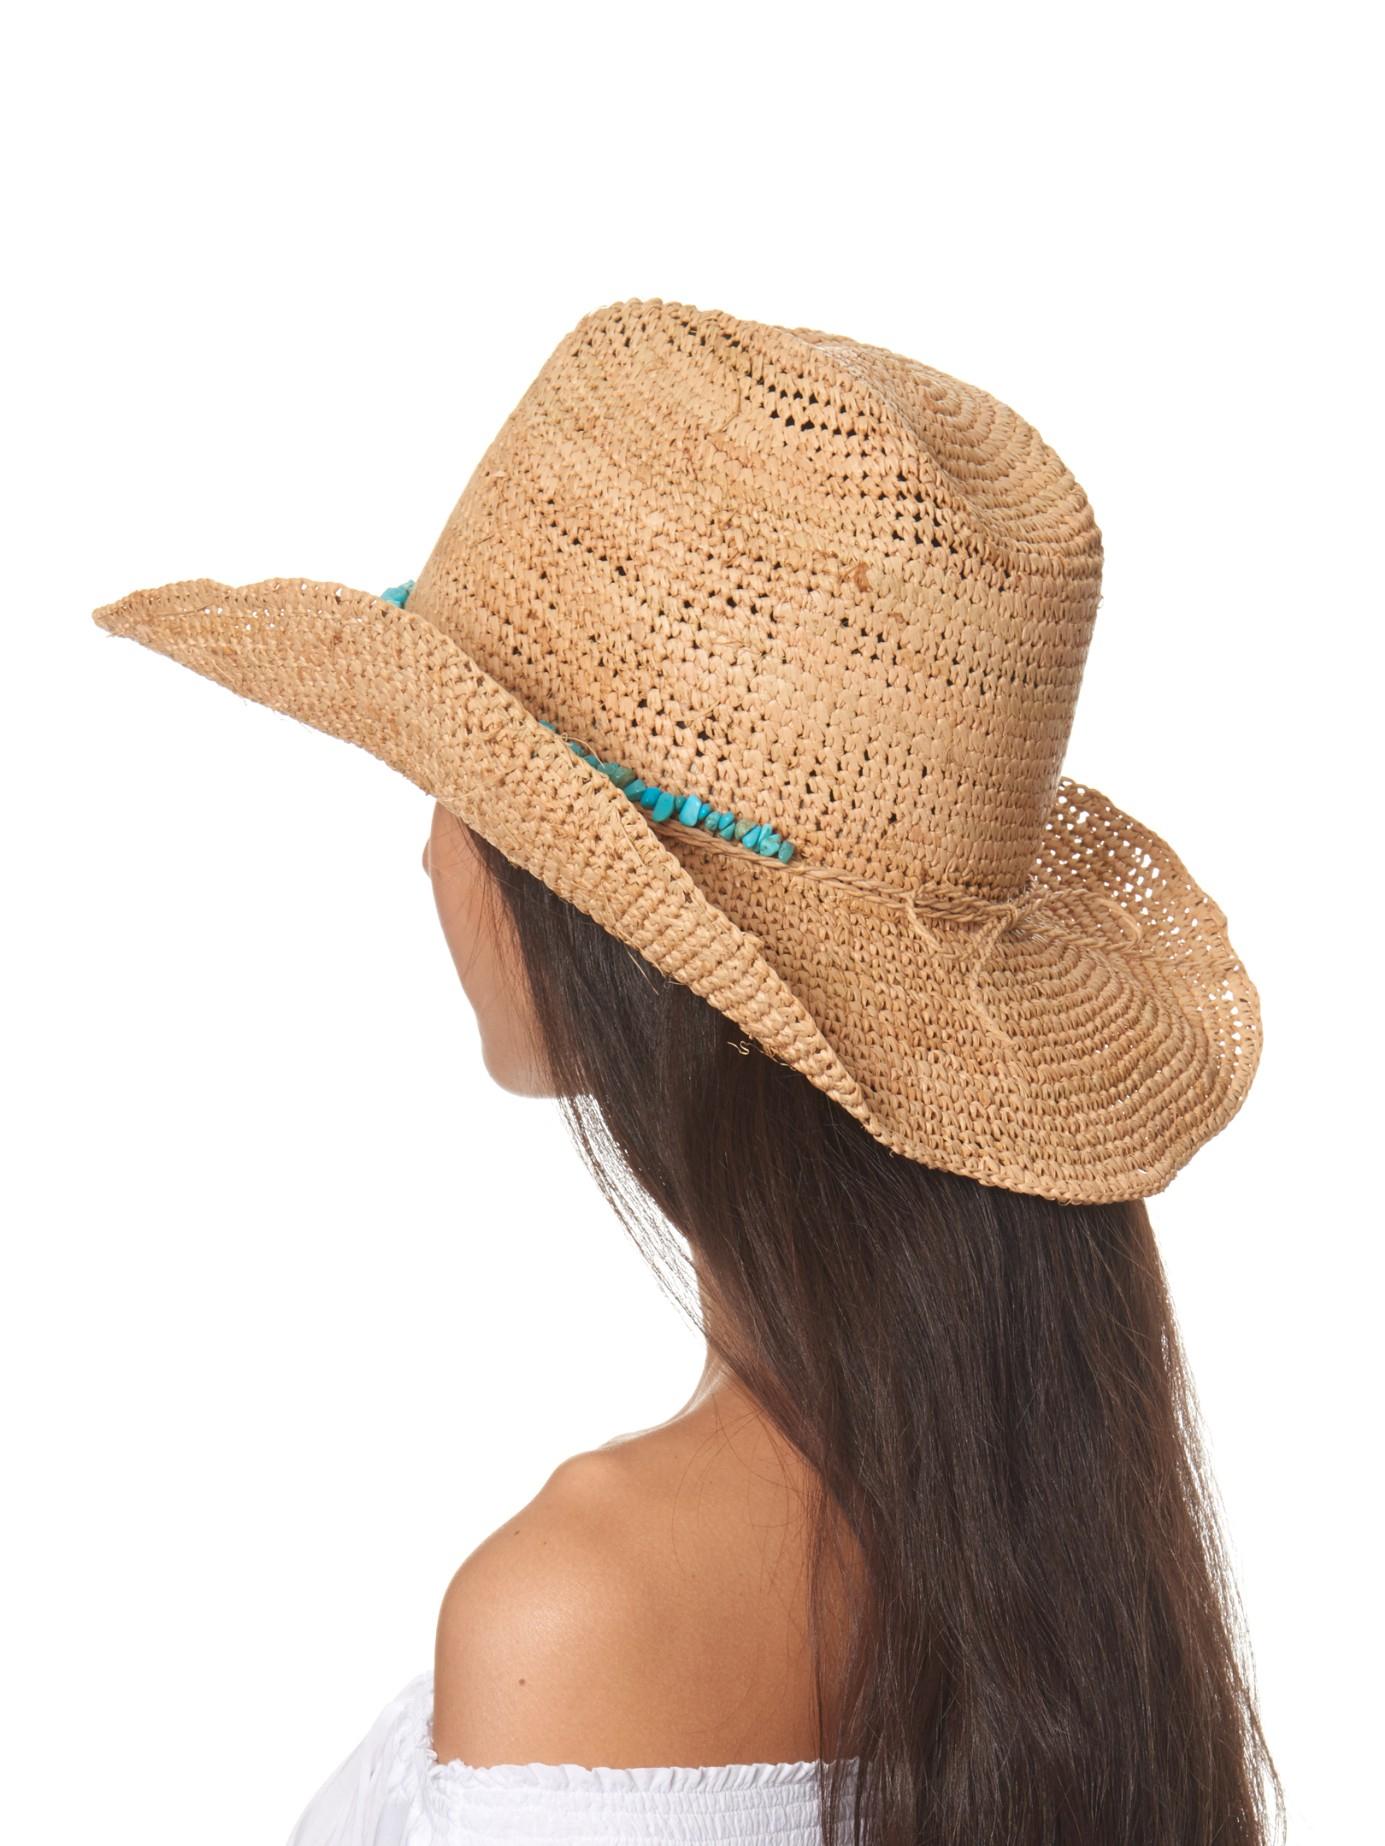 Melissa Odabash Elle Straw Hat in Natural - Lyst 0715a1ebd83